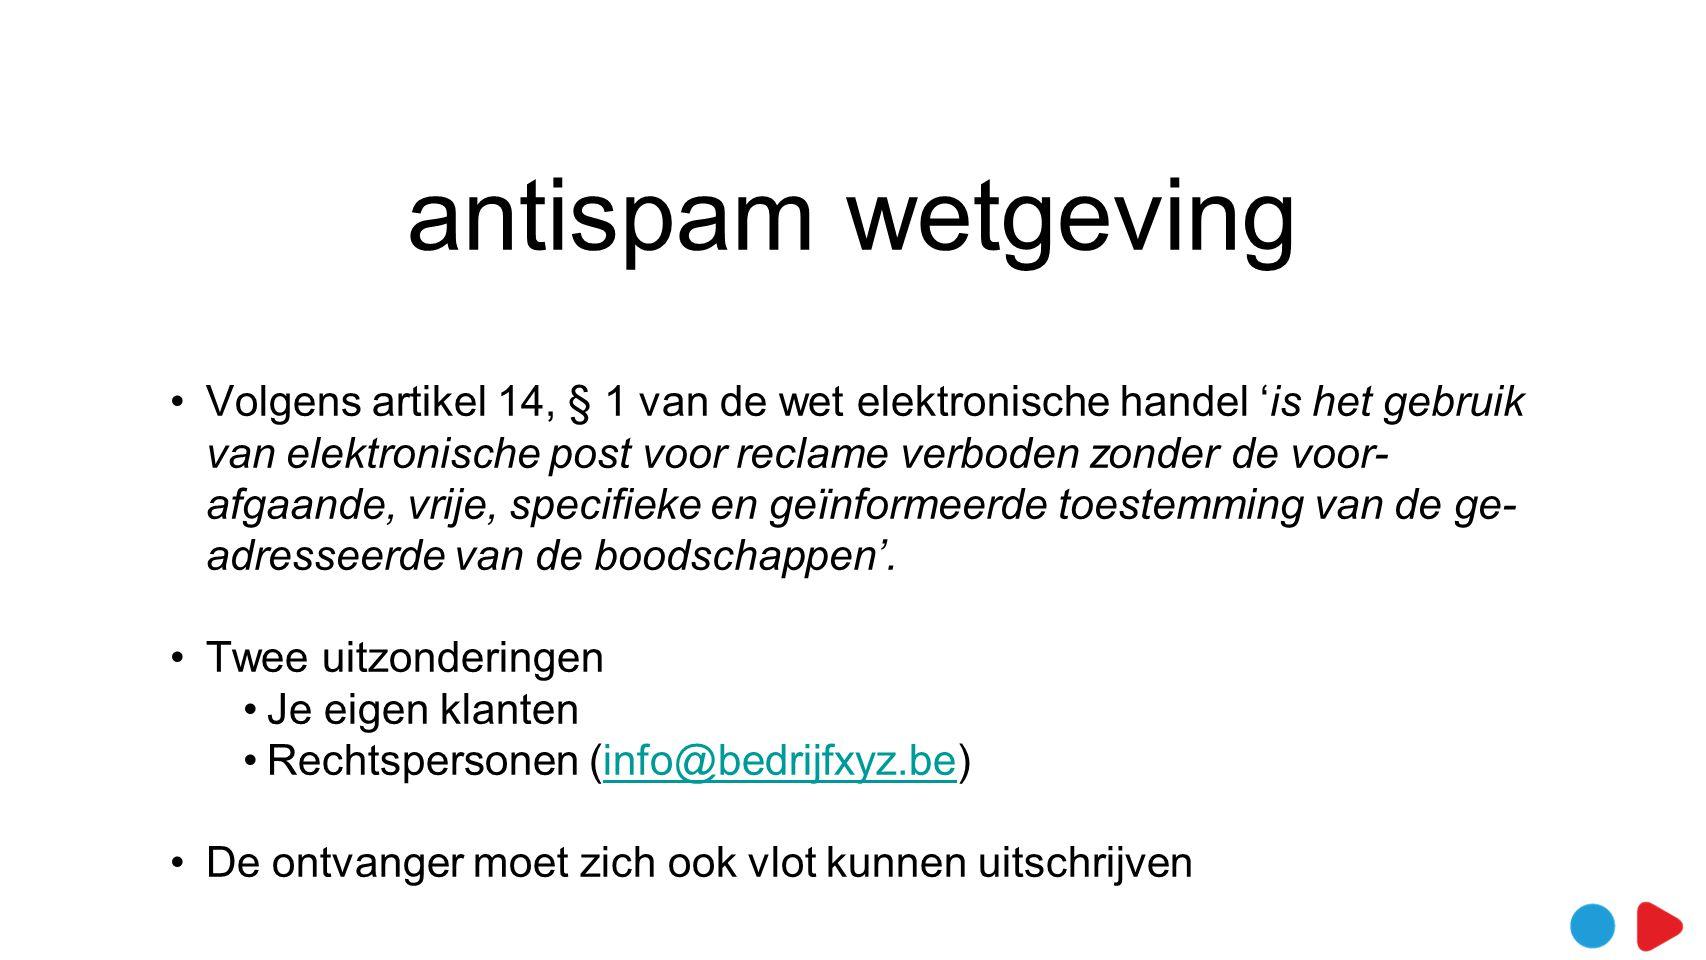 antispam wetgeving •Volgens artikel 14, § 1 van de wet elektronische handel 'is het gebruik van elektronische post voor reclame verboden zonder de voo